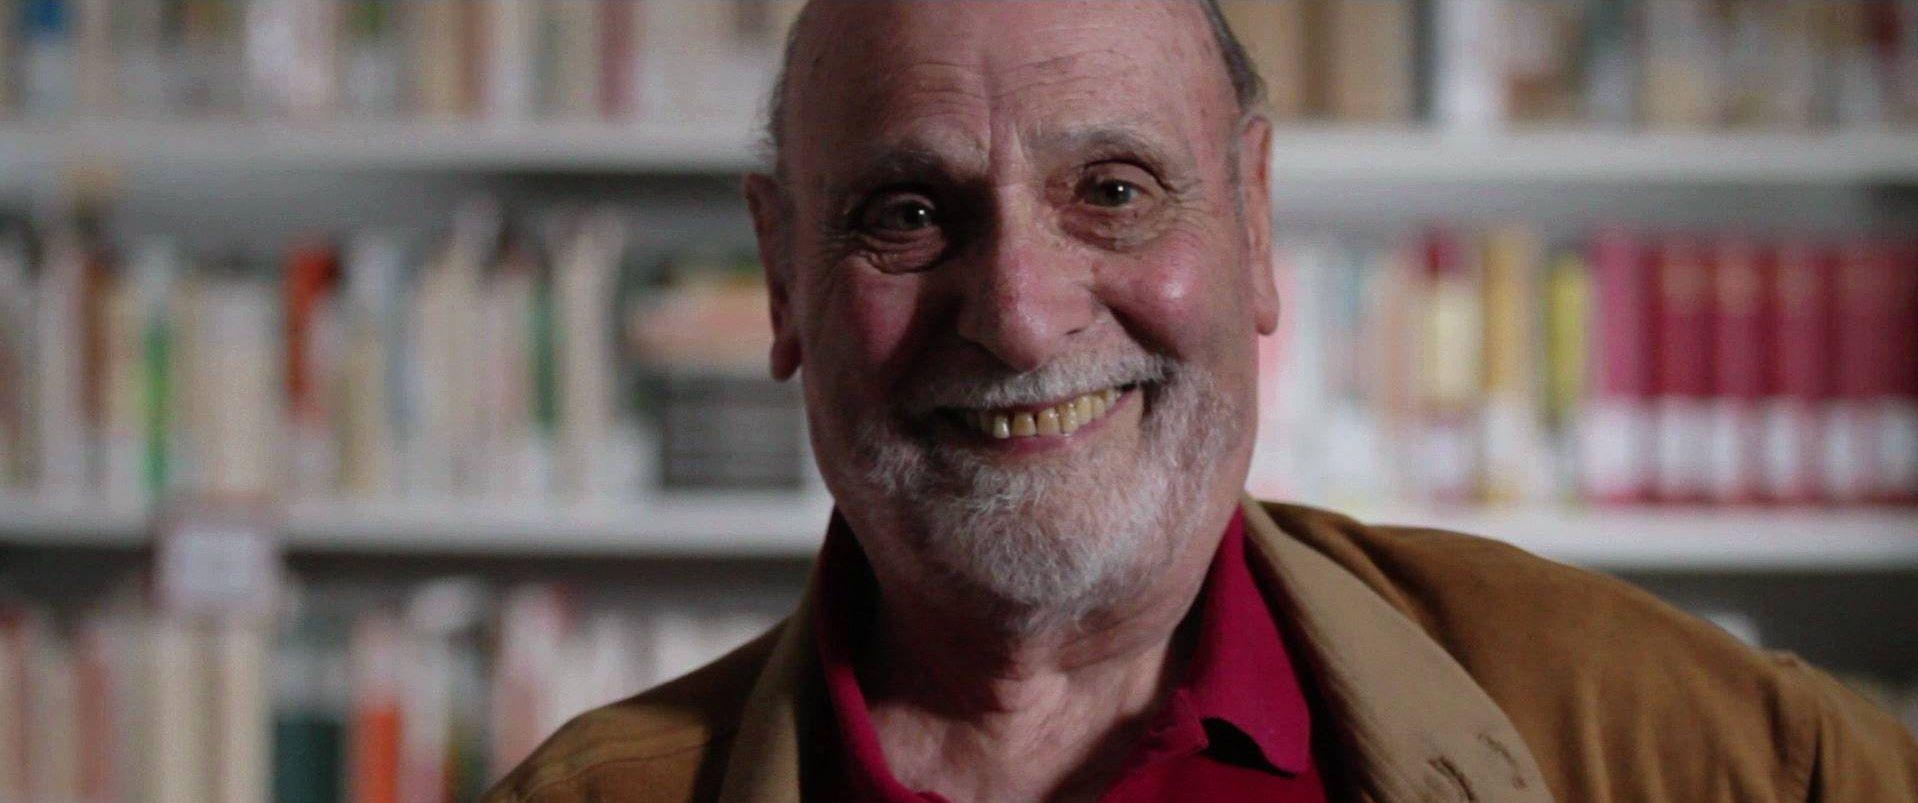 Le memoria degli ultimi: Umberto Lorenzoni in un'immagine del documentario